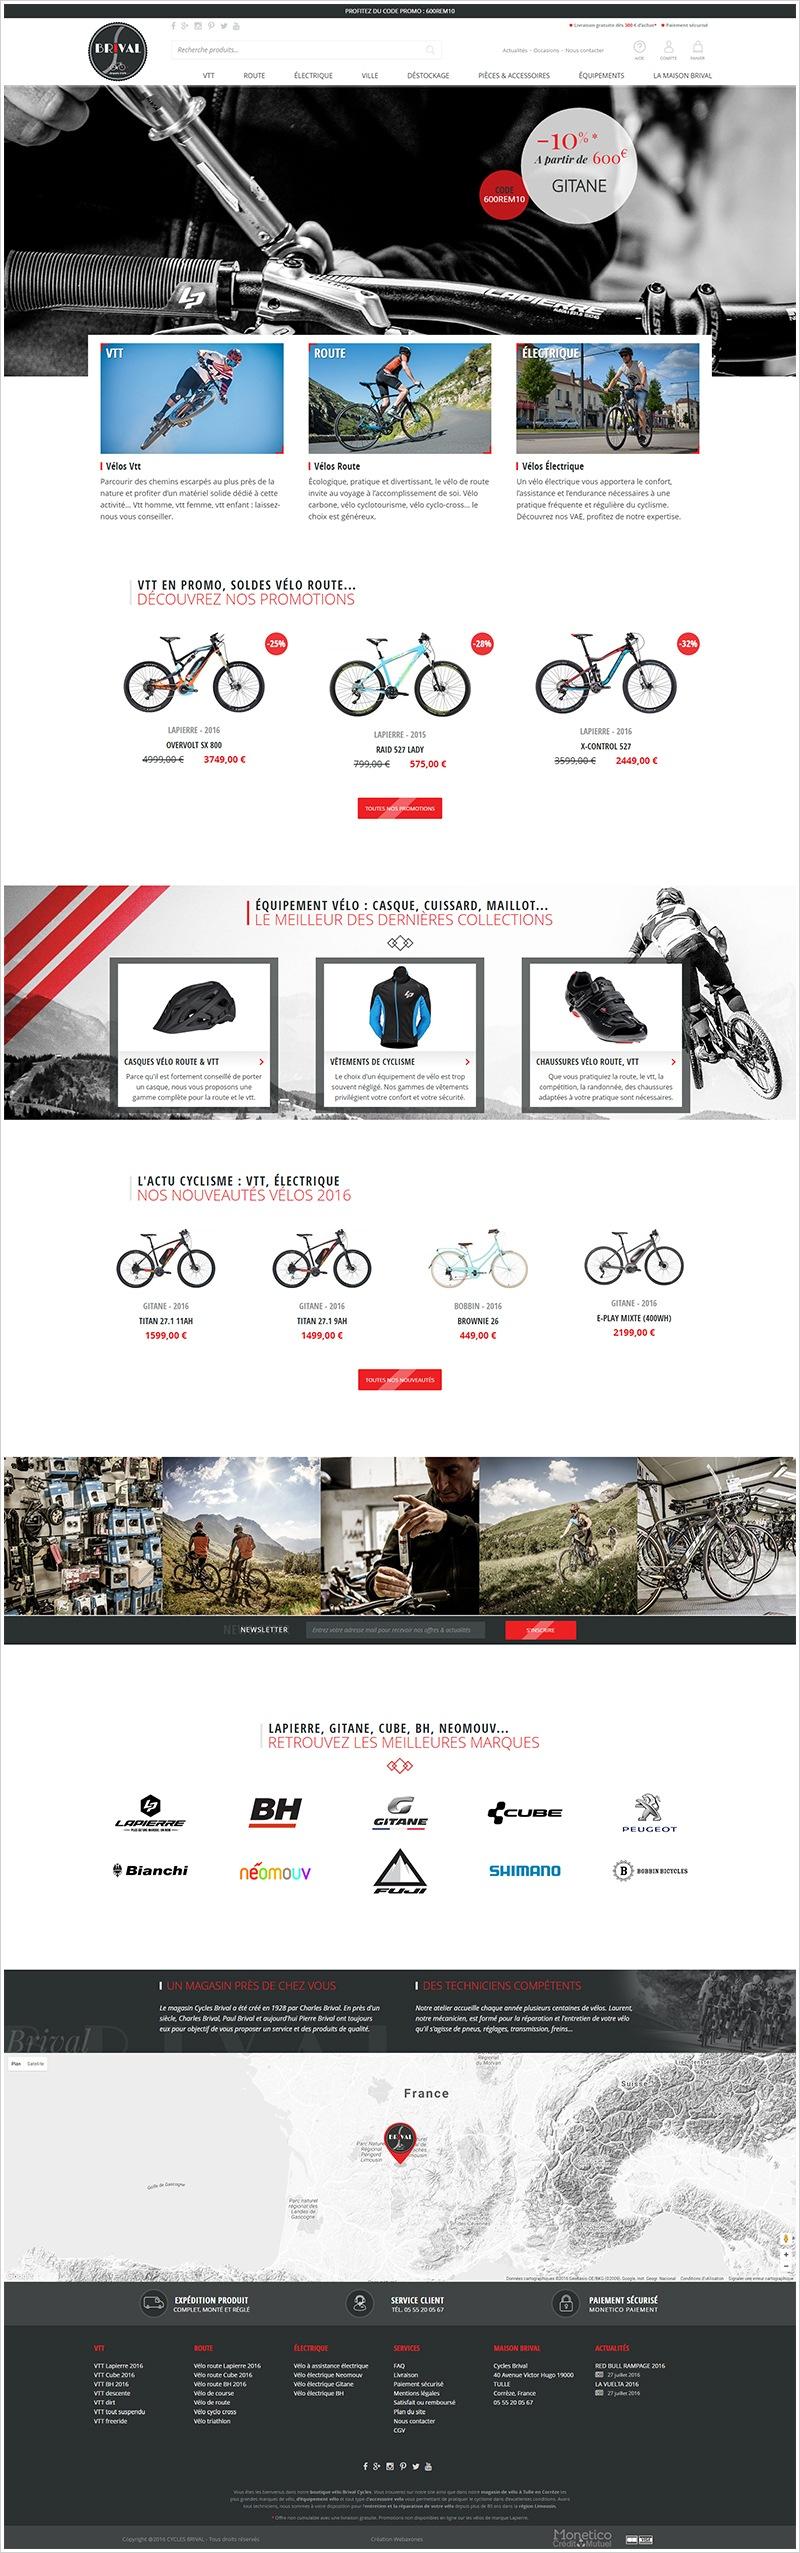 Page d'accueil du site VeloBrival